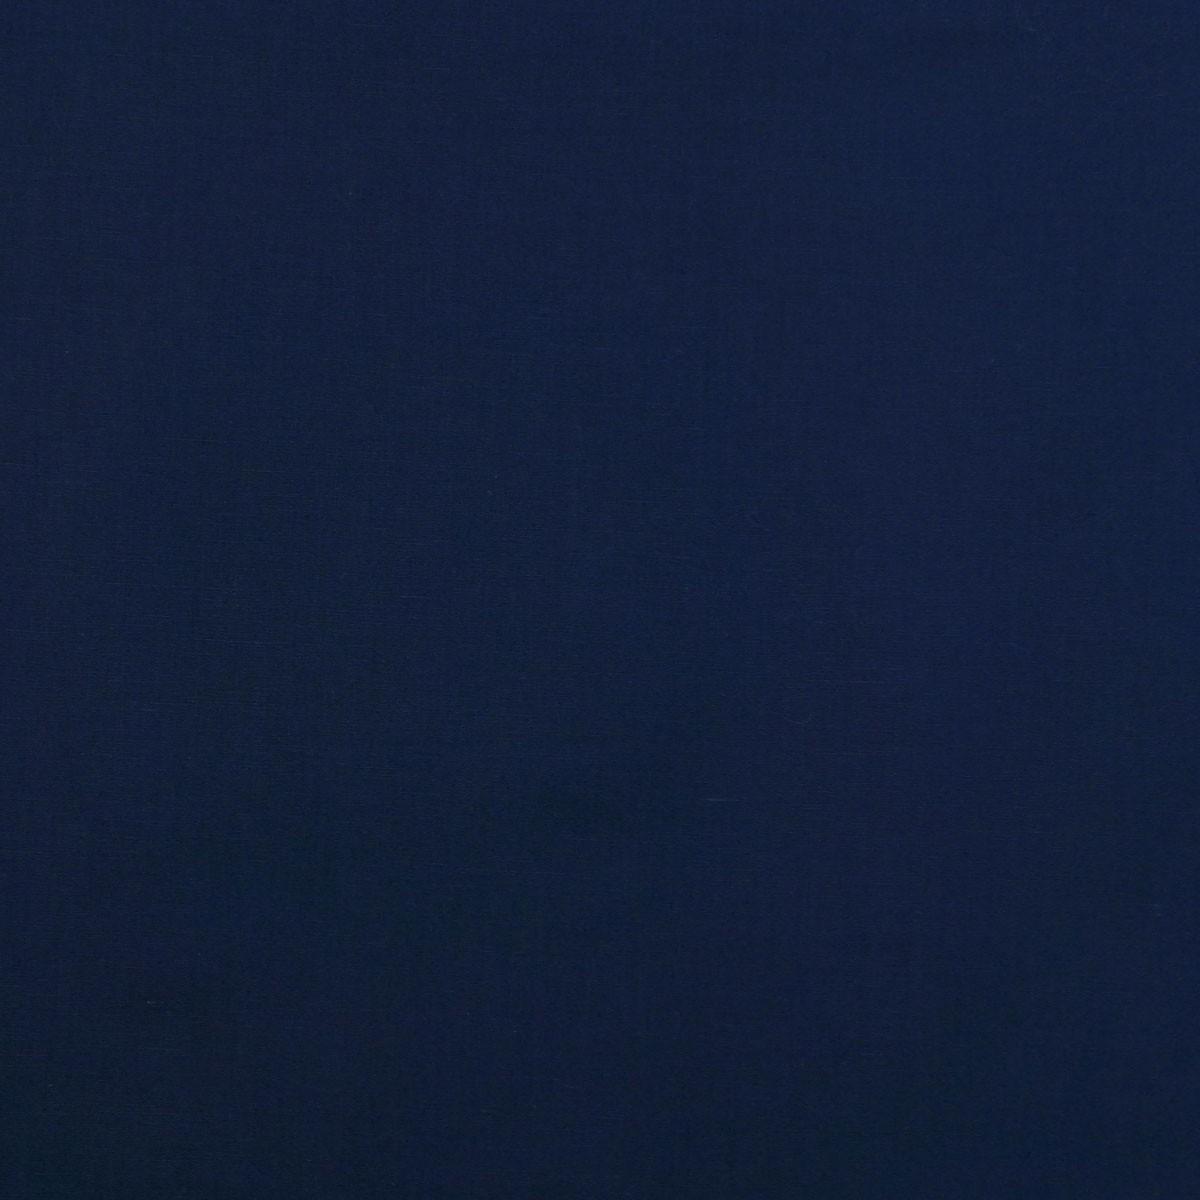 Kreativstoff Baumwollstoff Fahnentuch einfarbig dunkelblau 1,45m Breite